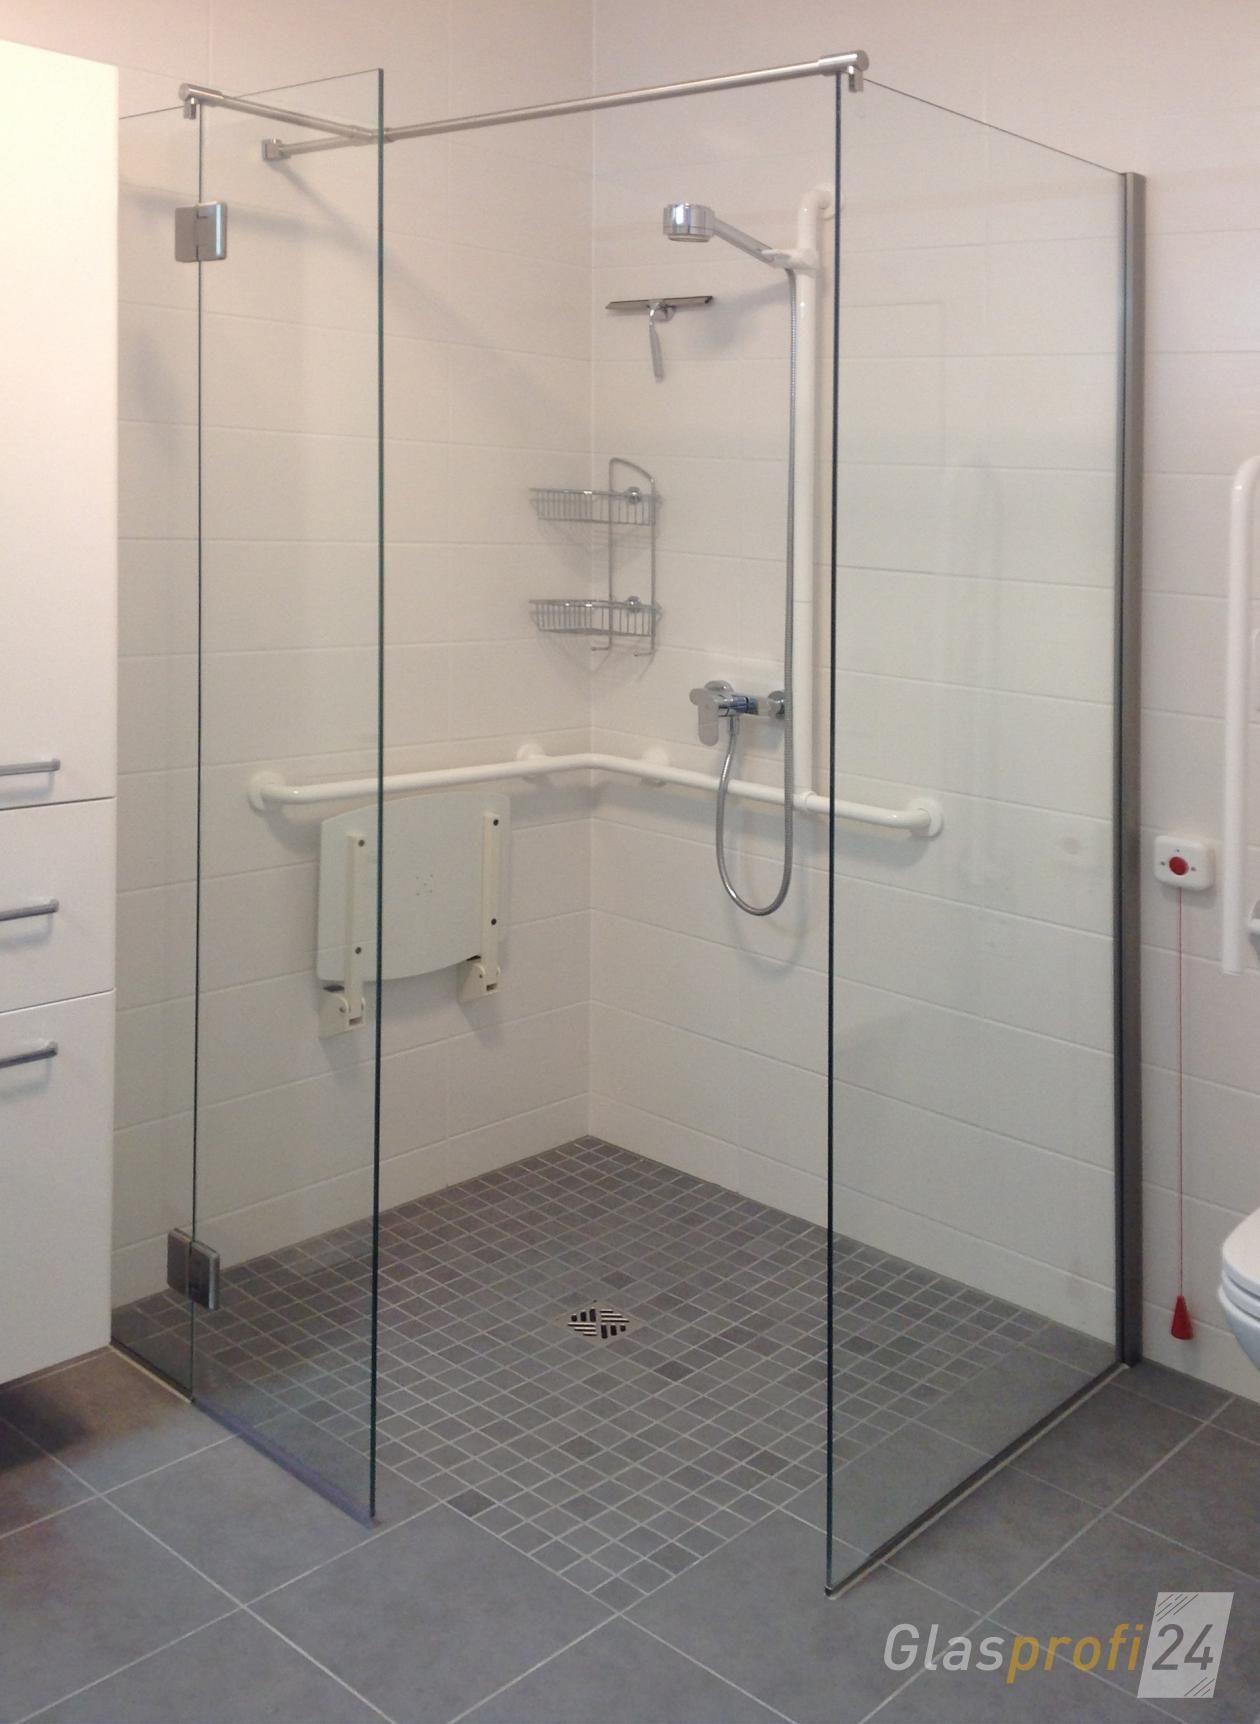 Die Ebenerdige Dusche Mit V2a Beschlägen Die Begehbare Dusche Ebenerdig Auf Fliesen Können Sie H Dusche Renovieren Ebenerdige Dusche Badezimmer Dusche Fliesen